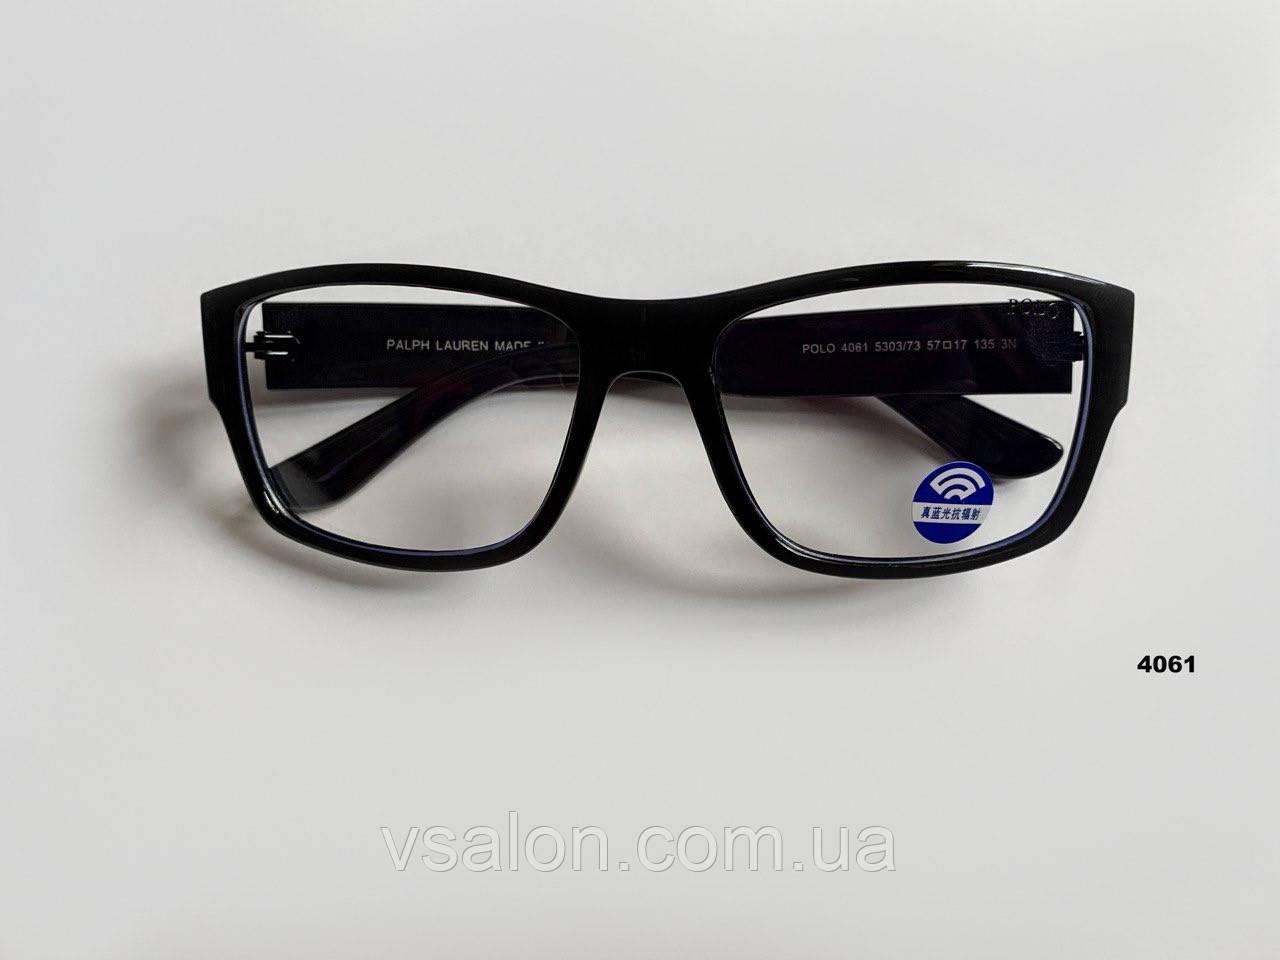 Комп'ютерні окуляри 4061 з чорними дужками